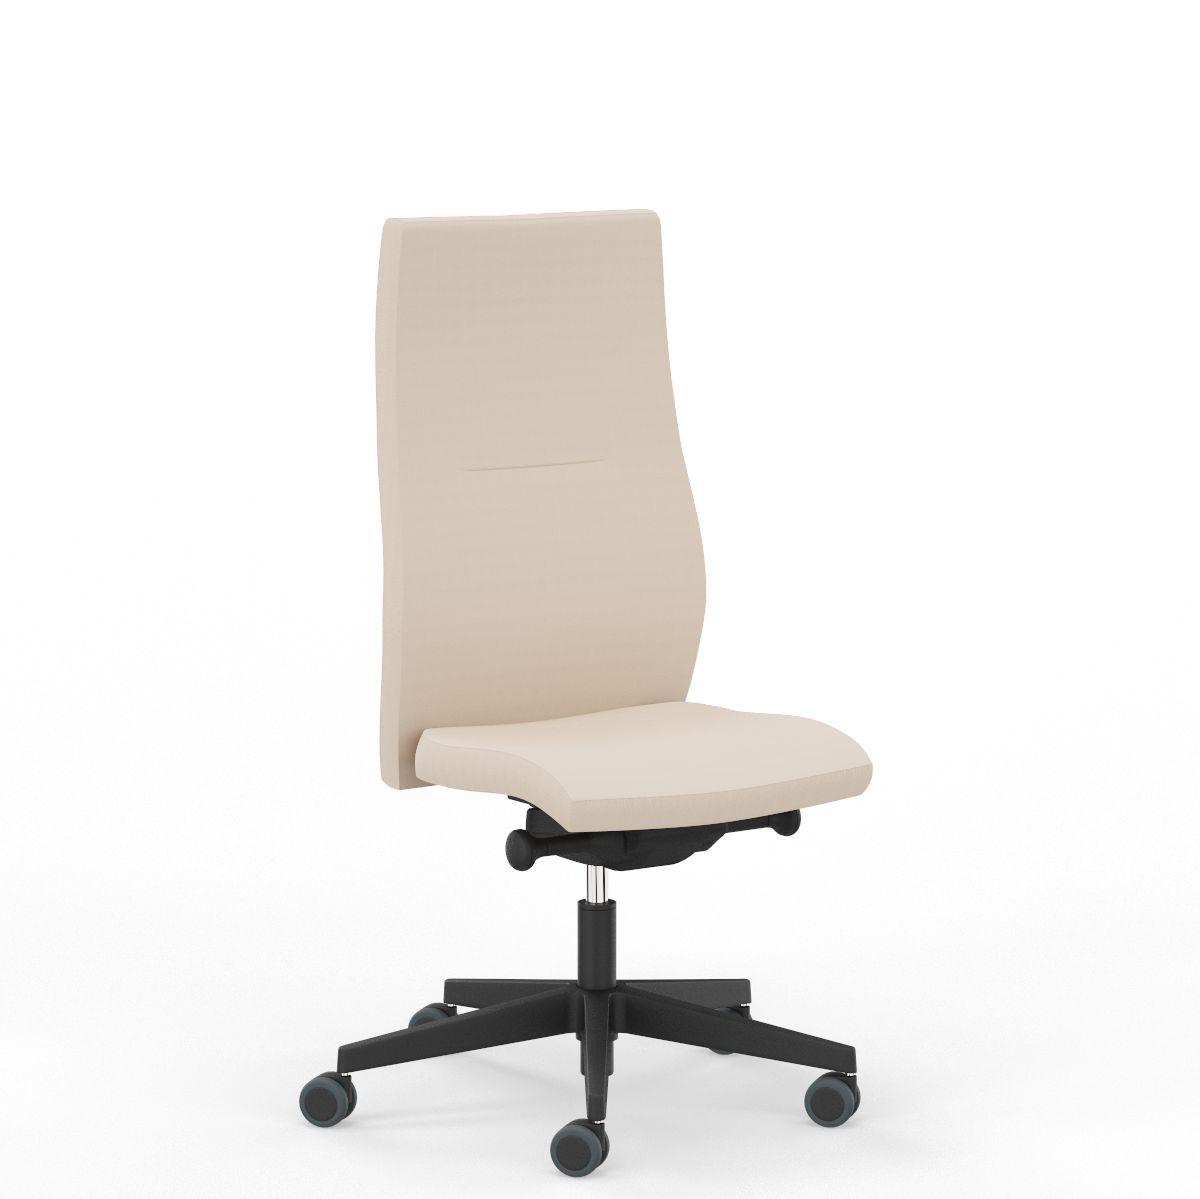 Fotel Biurowy Nowy Styl SO-ONE SWIVEL CHAIR HB UPH z